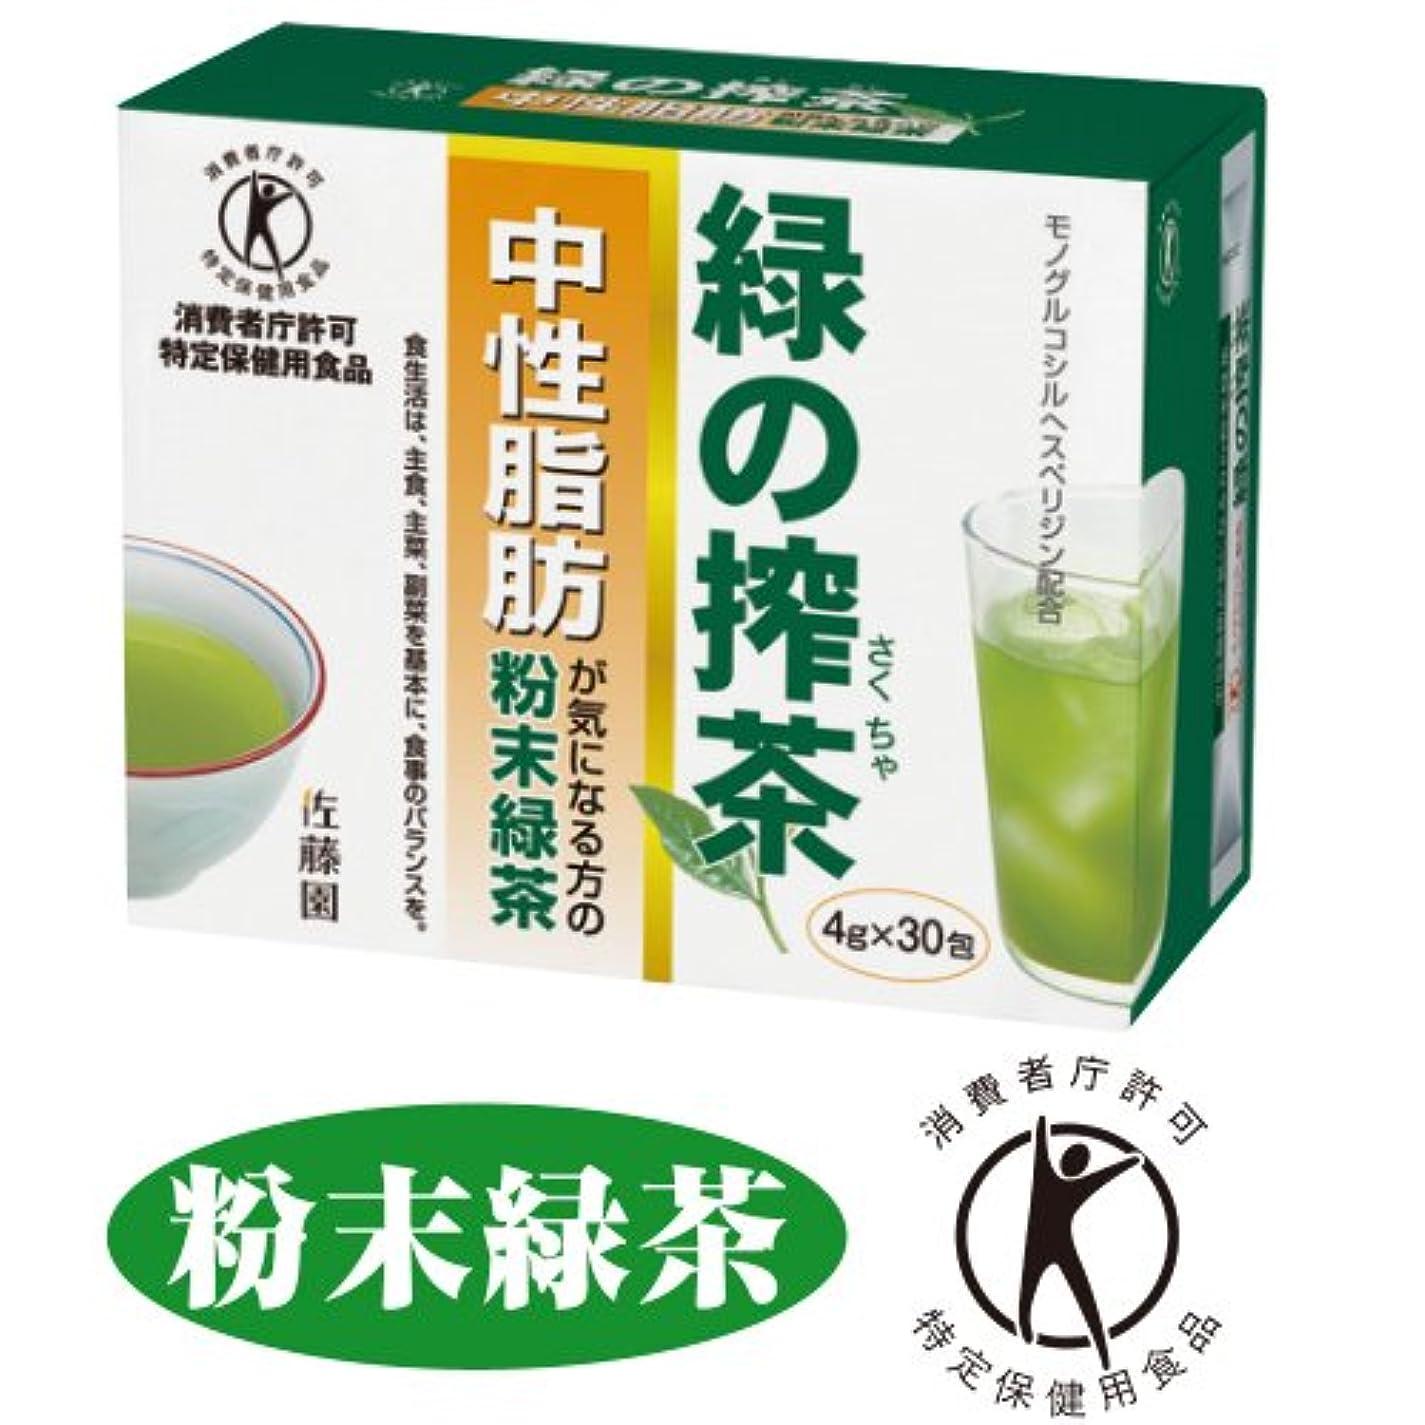 水平栄光の有益佐藤園のトクホのお茶 緑の搾茶(中性脂肪) 30包 [特定保健用食品]